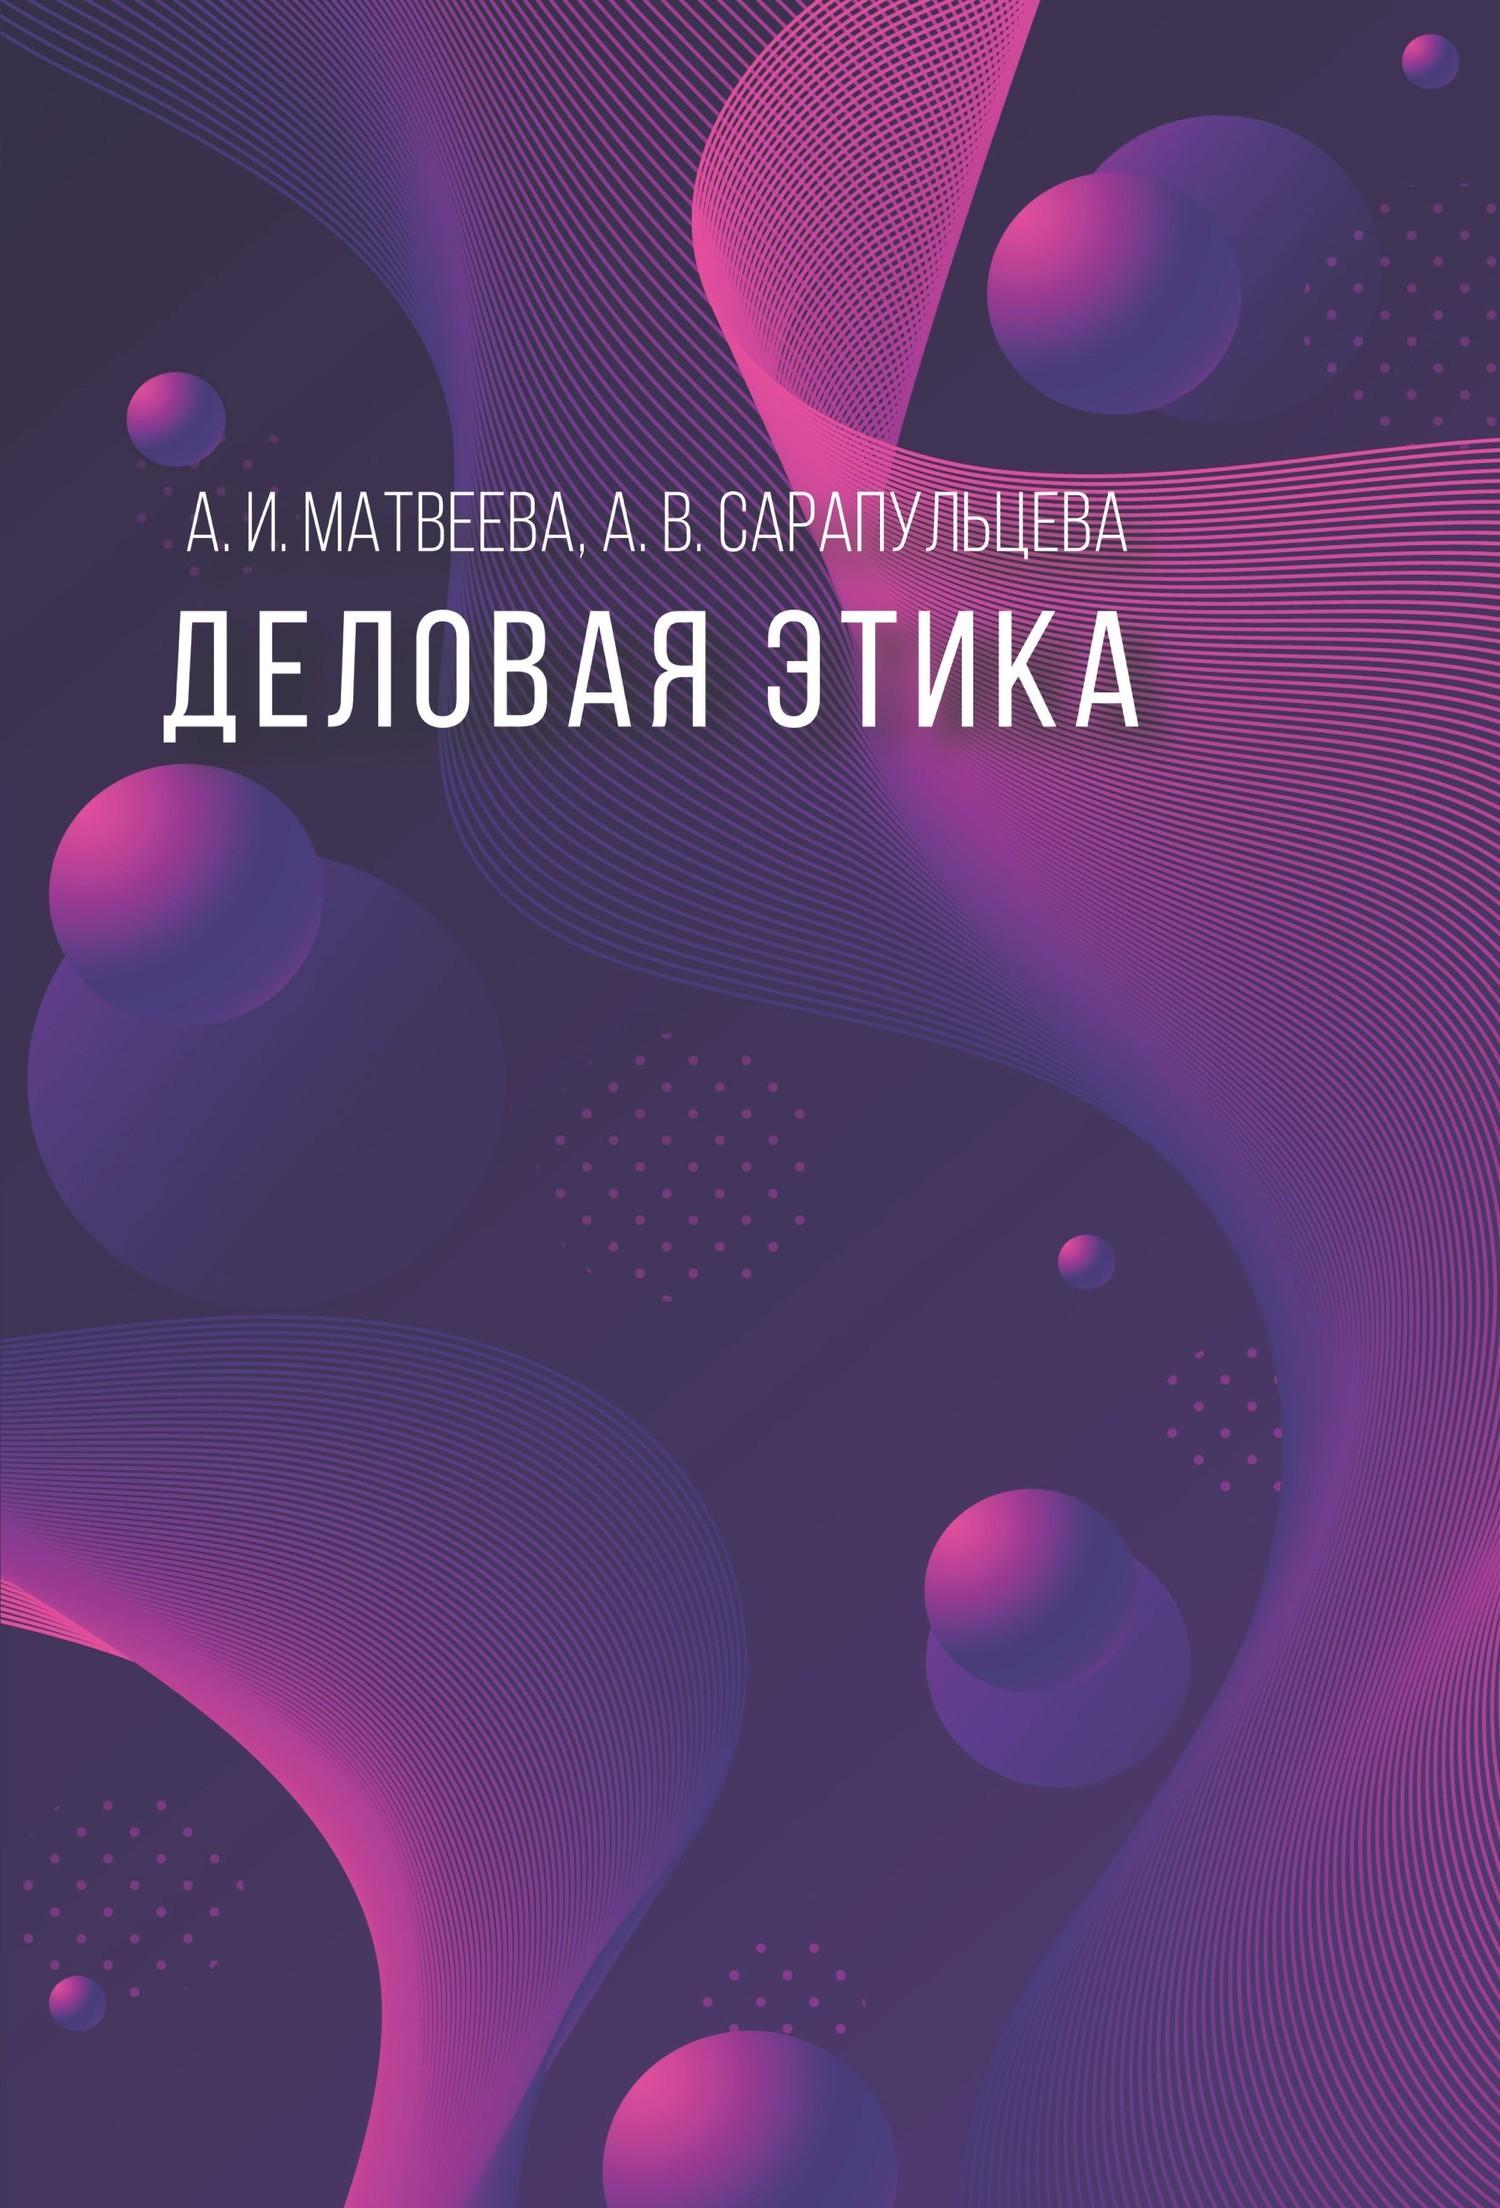 Анастасия Сарапульцева, Алла Матвеева - Деловая этика